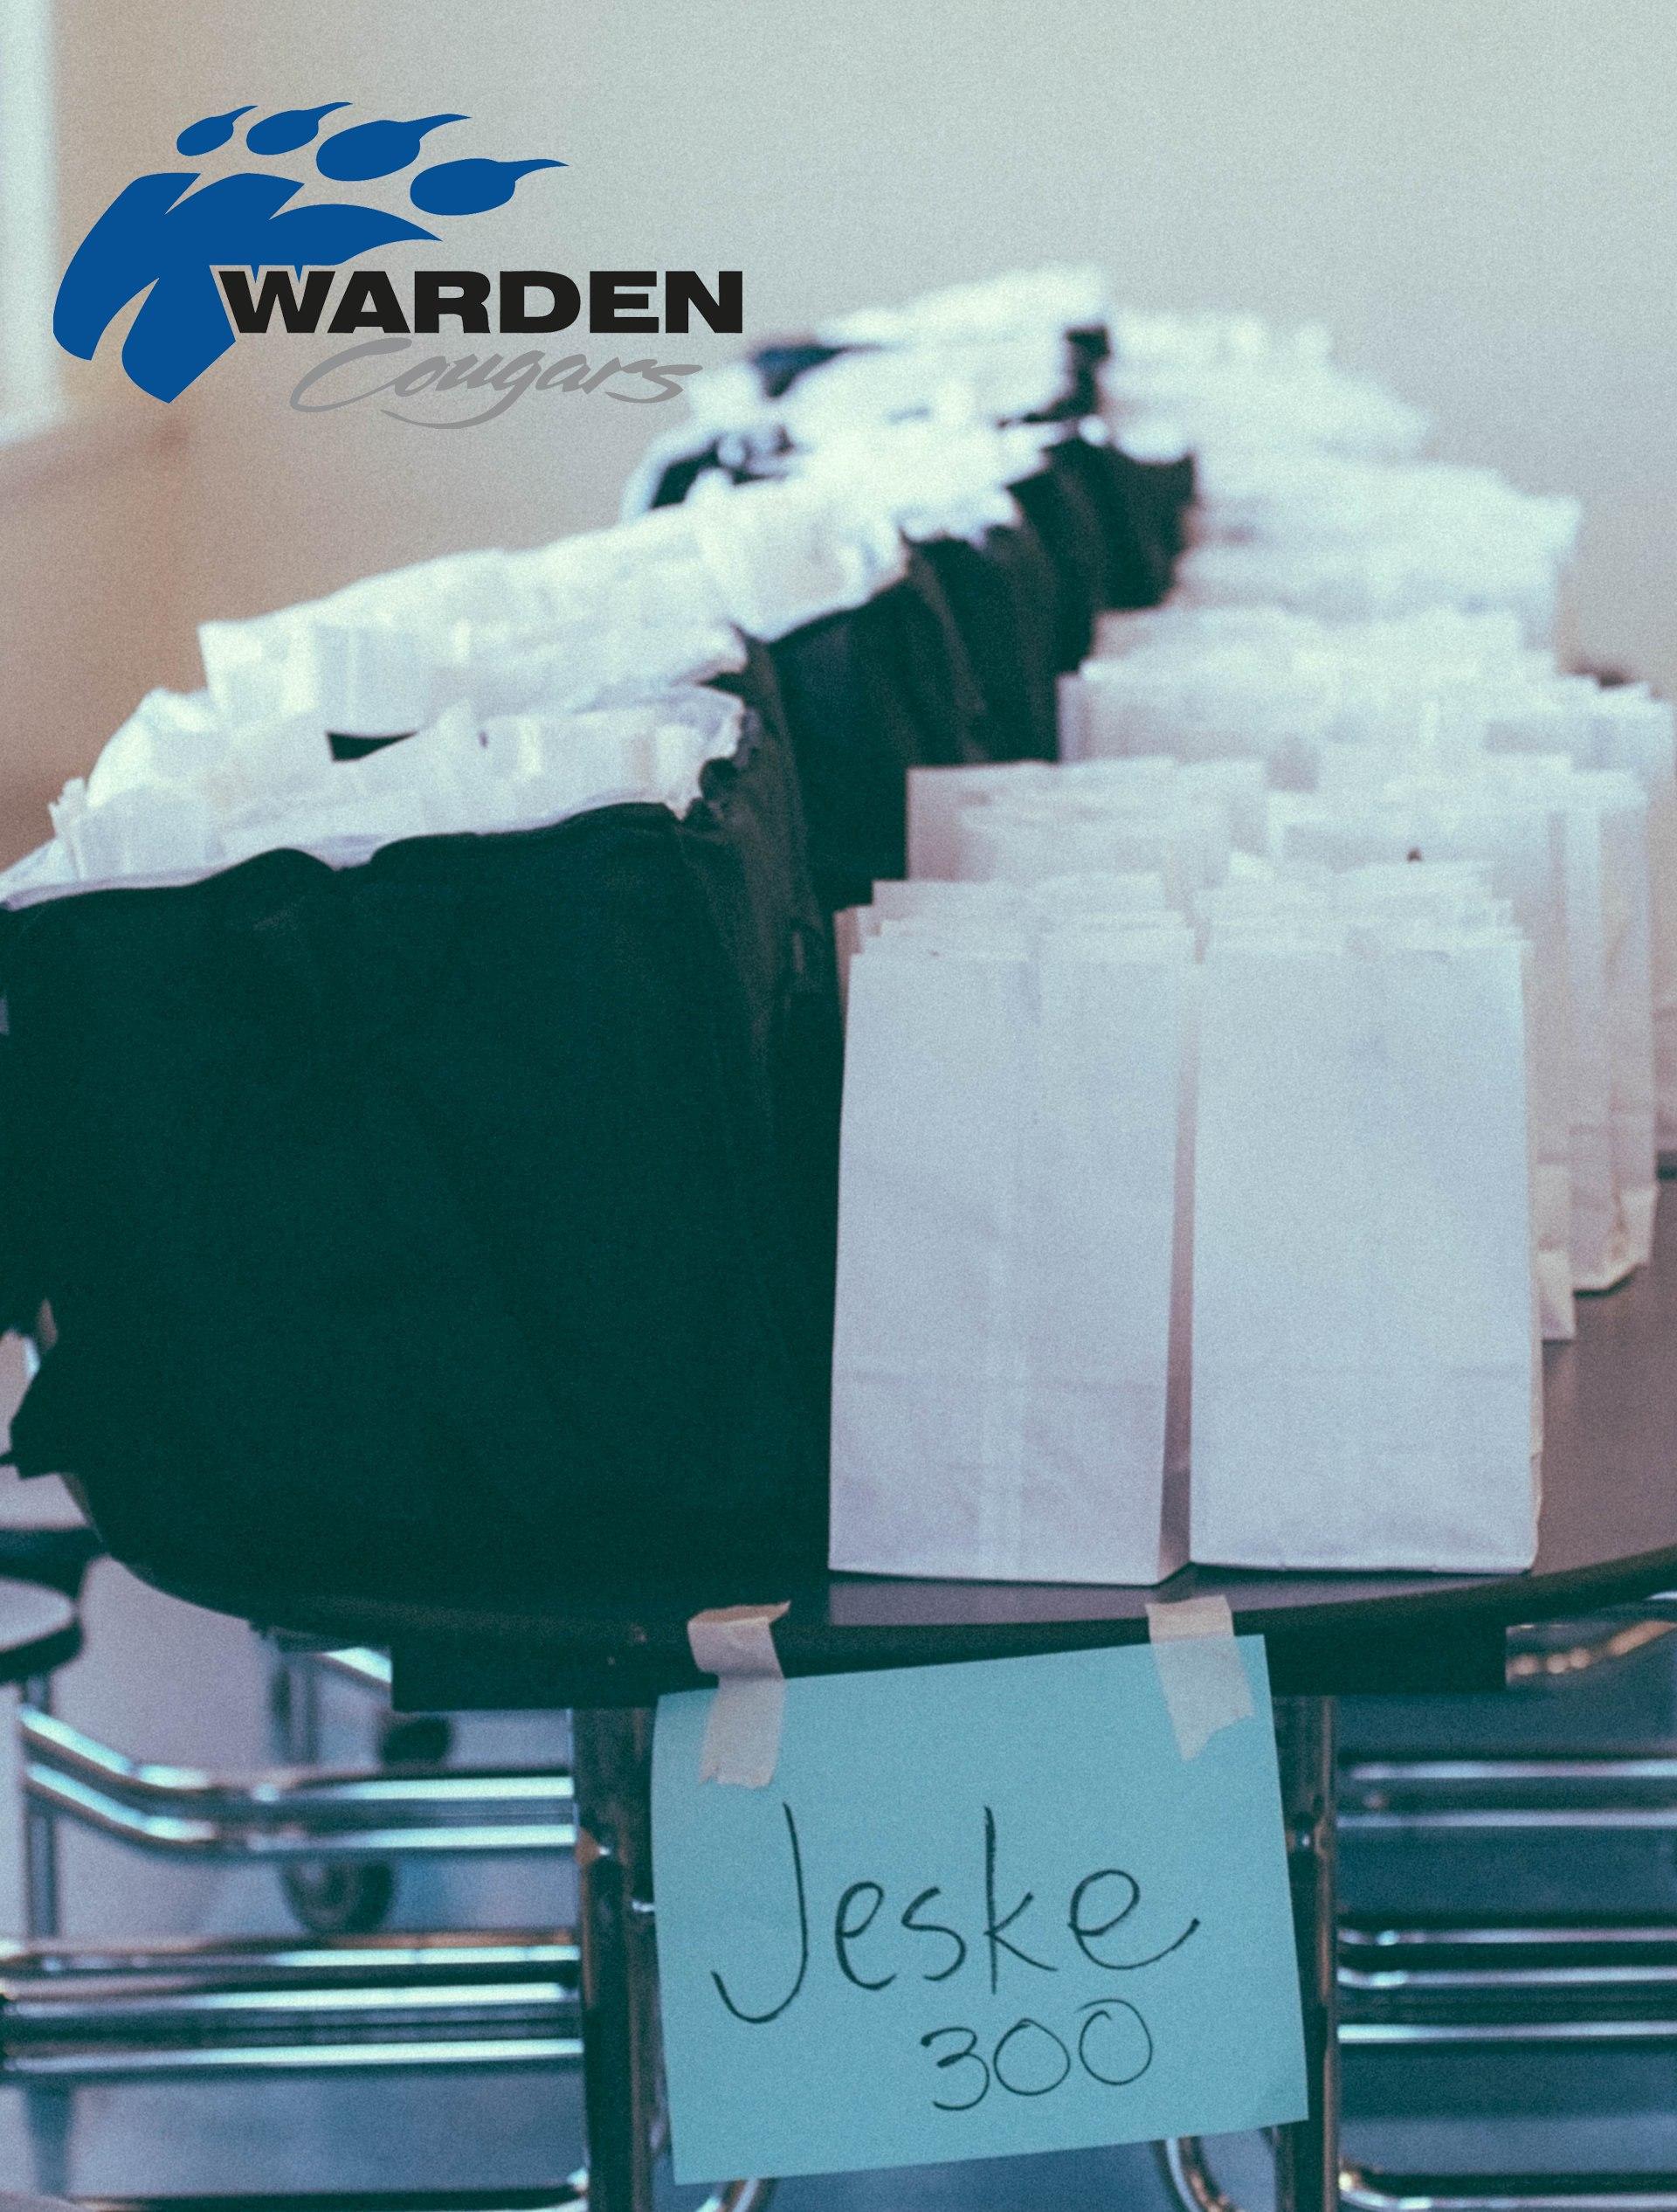 4/1/2020, Meals for Warden Children